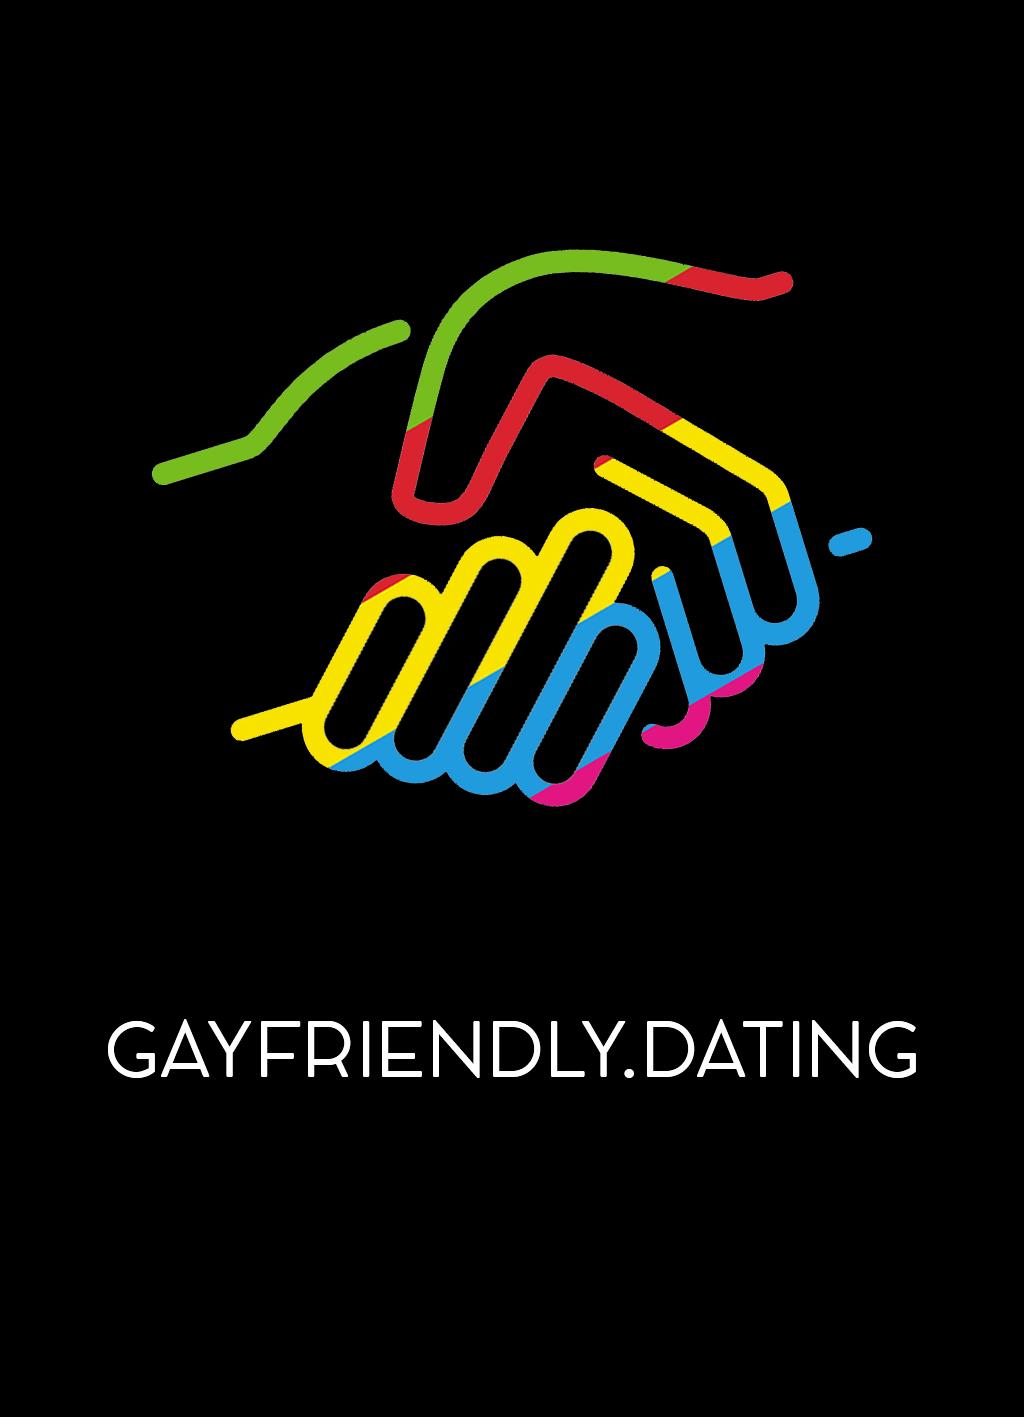 Разработать логотип для англоязычн. сайта знакомств для геев фото f_8955b4ef6e2d3fcf.jpg